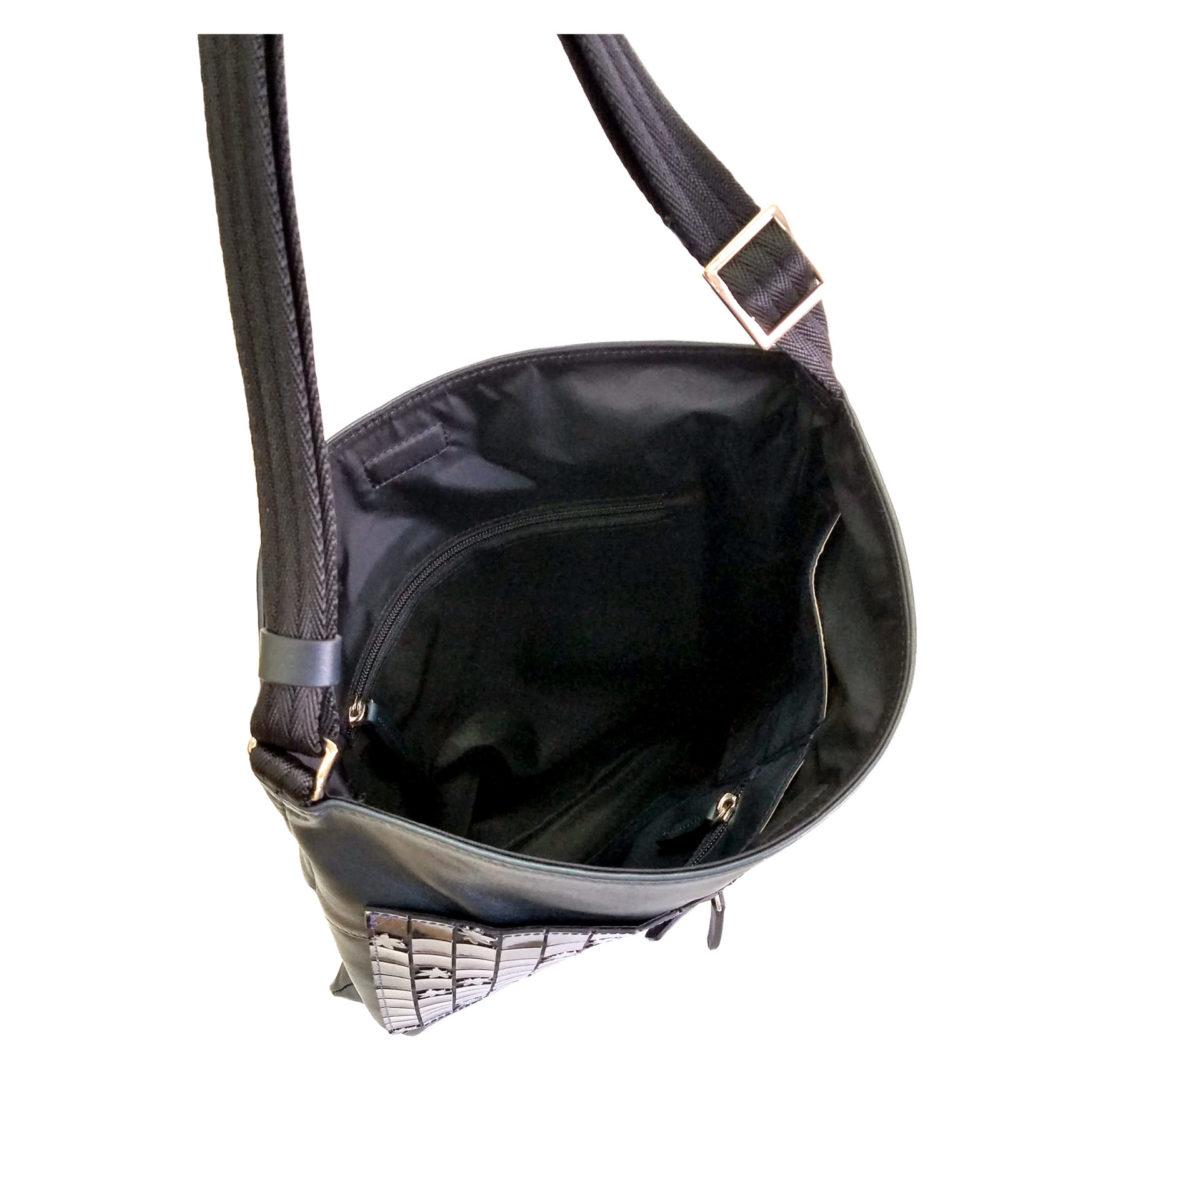 京都限定のELISIR caede KYOTO | エリシアカエデ京都のバッグシリーズ Adria Misto Cerberus 3 Sacoche